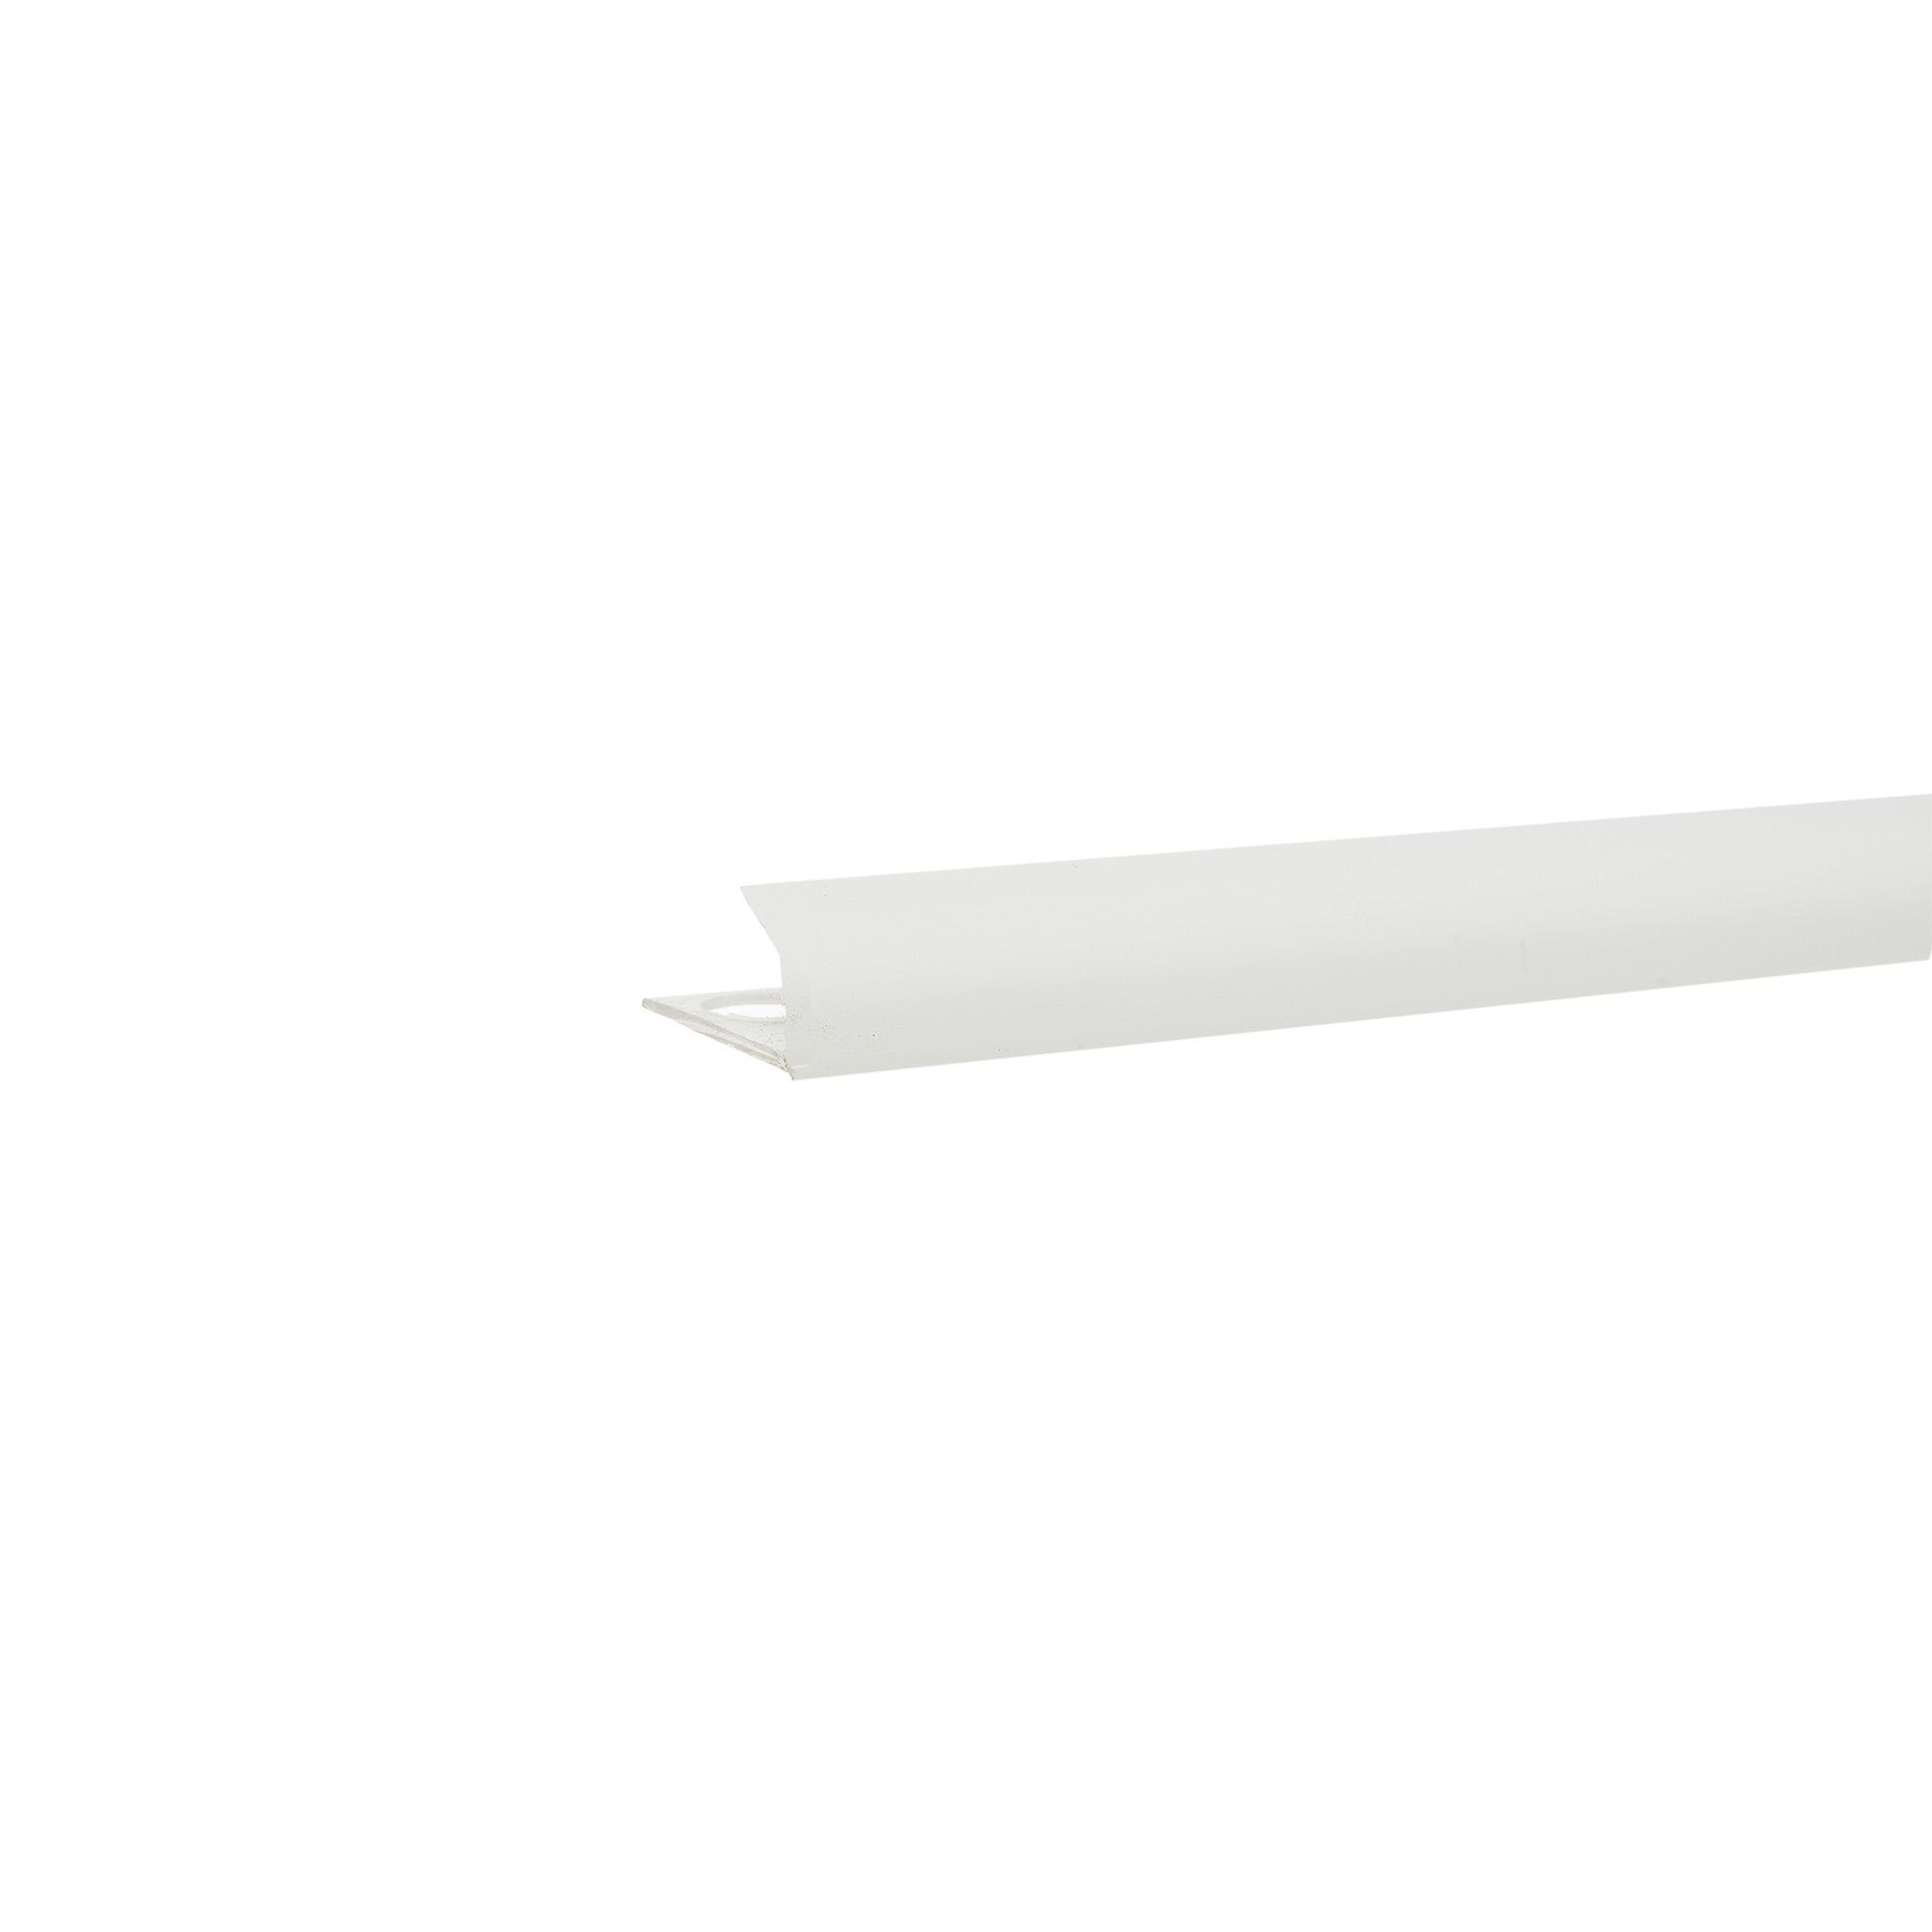 Profil colt exterior PVC 9 mm x 2.5 m EU01